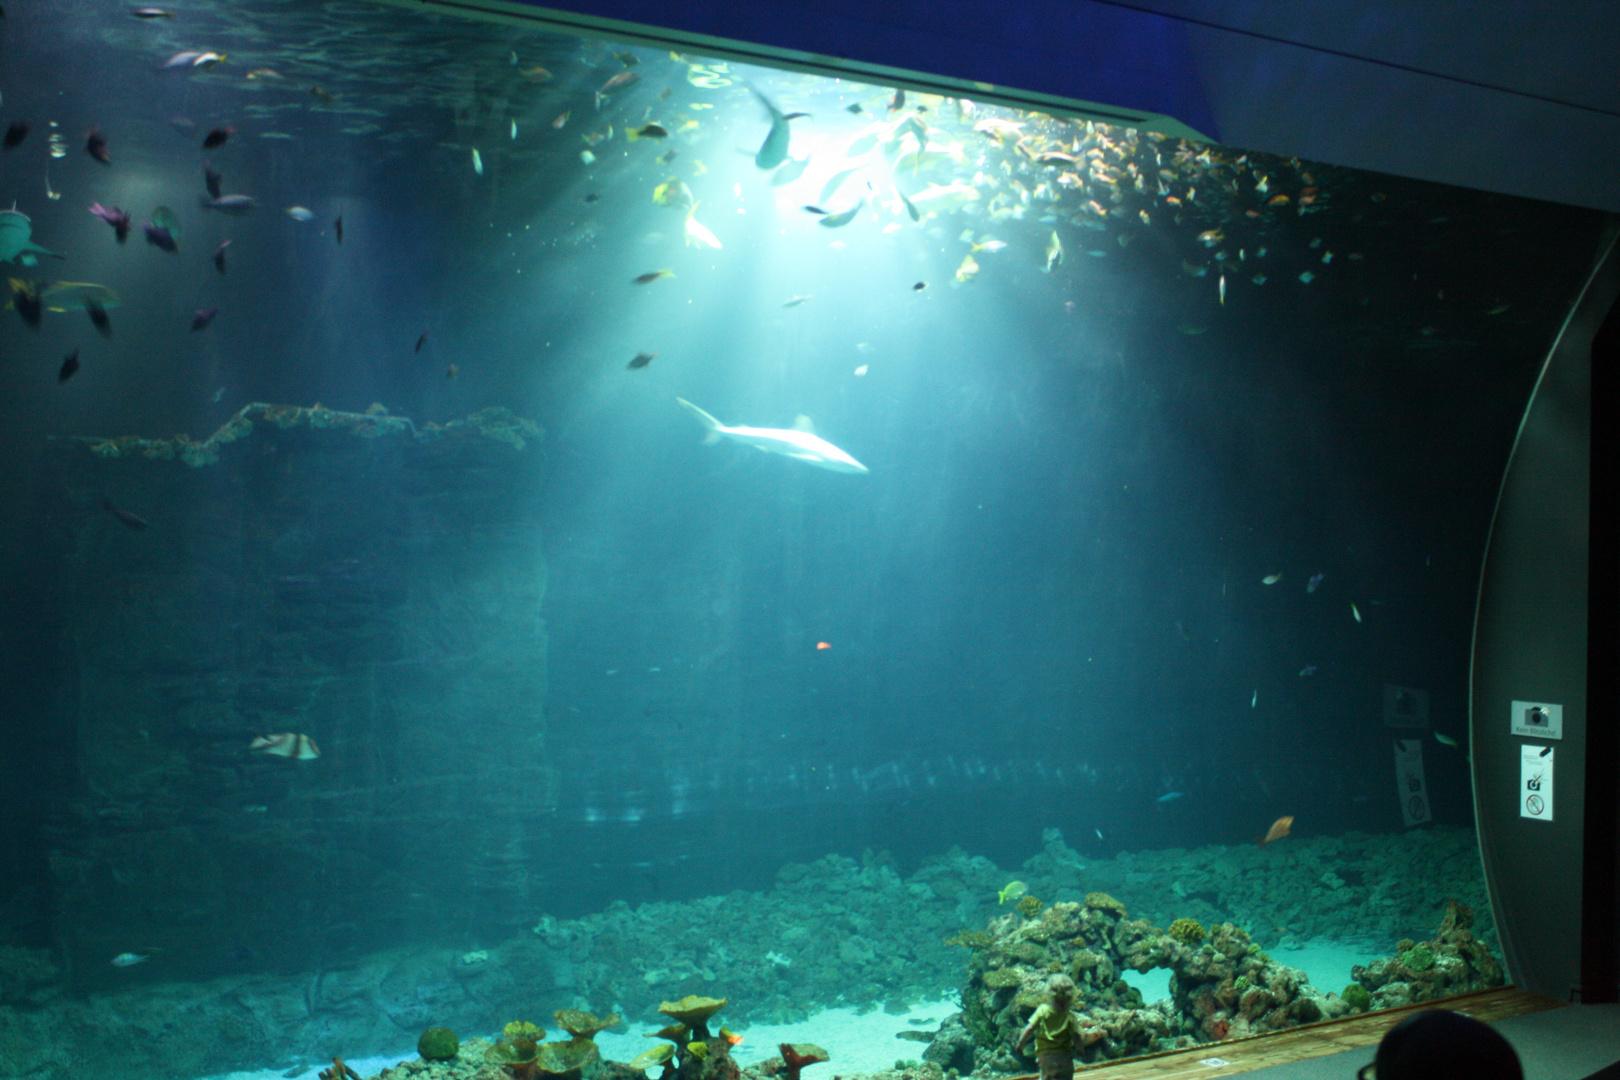 Tropen-Aquarium Hagenbeck 11./2013 1